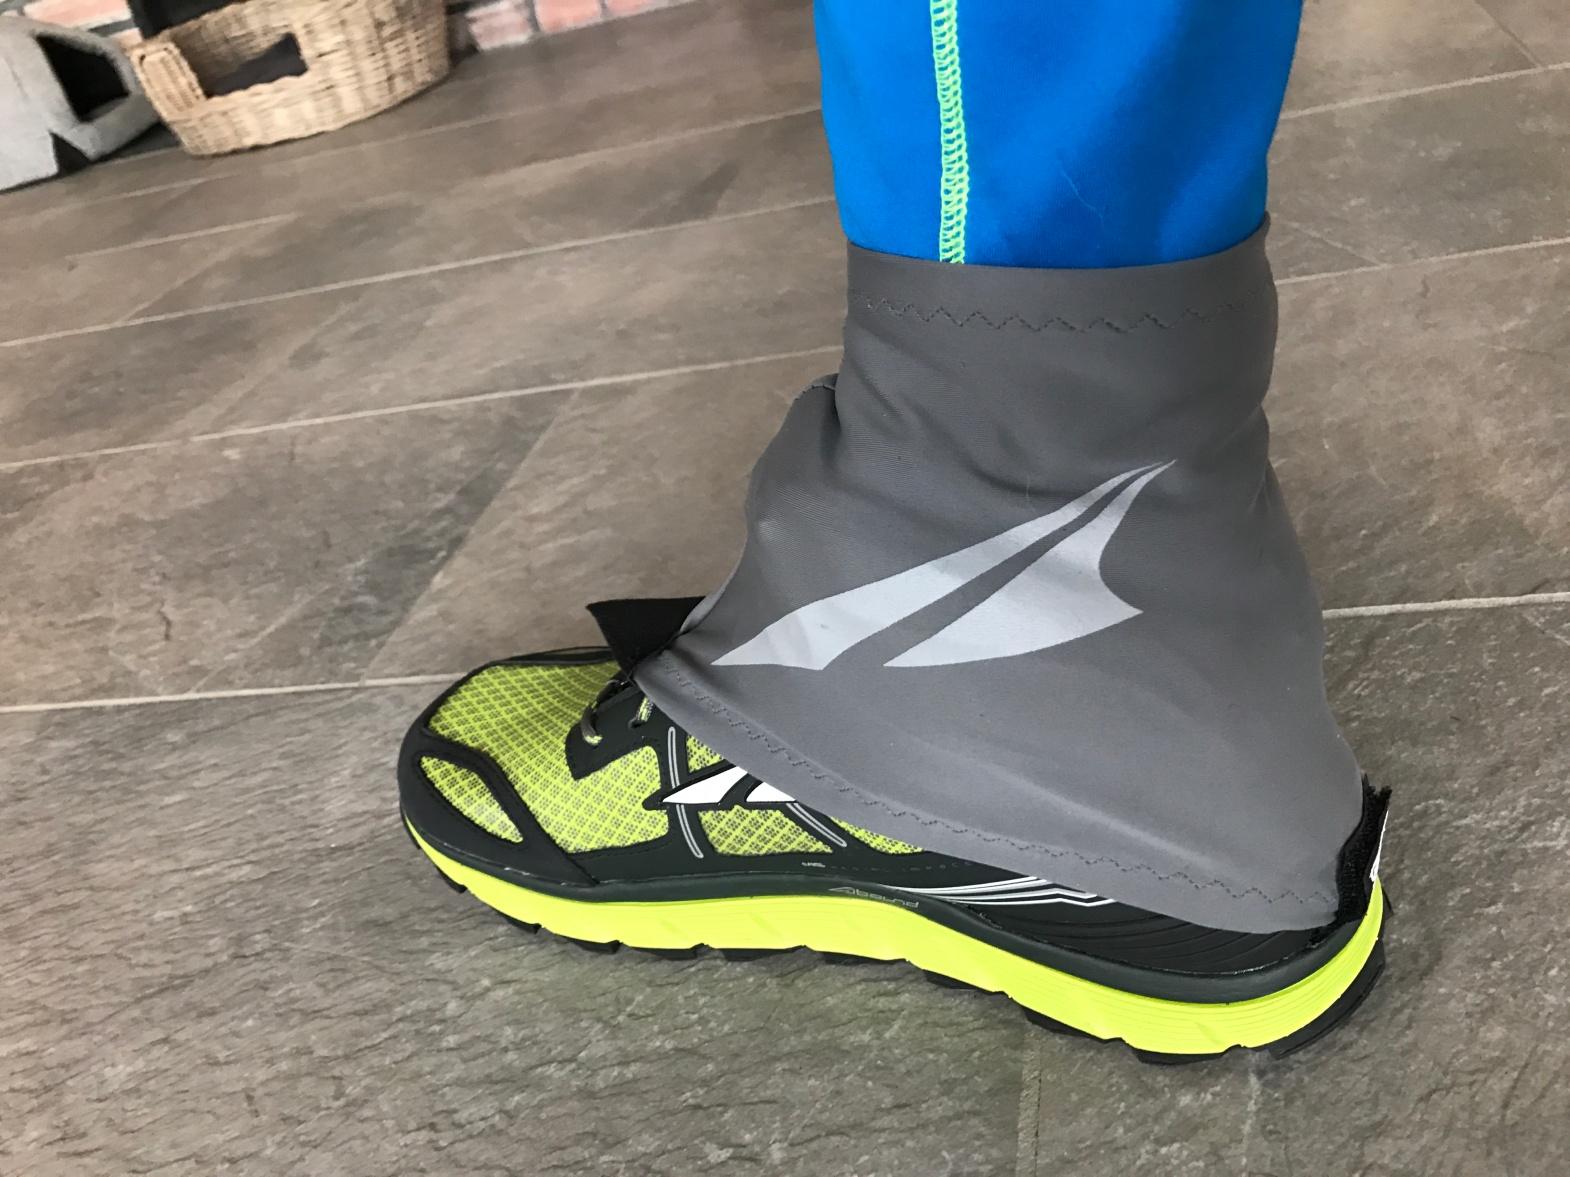 """Lette, tynne og god montering på Altra eller andre løpesko med borrelås bak. Ikke egnet for """"røff"""" snø."""